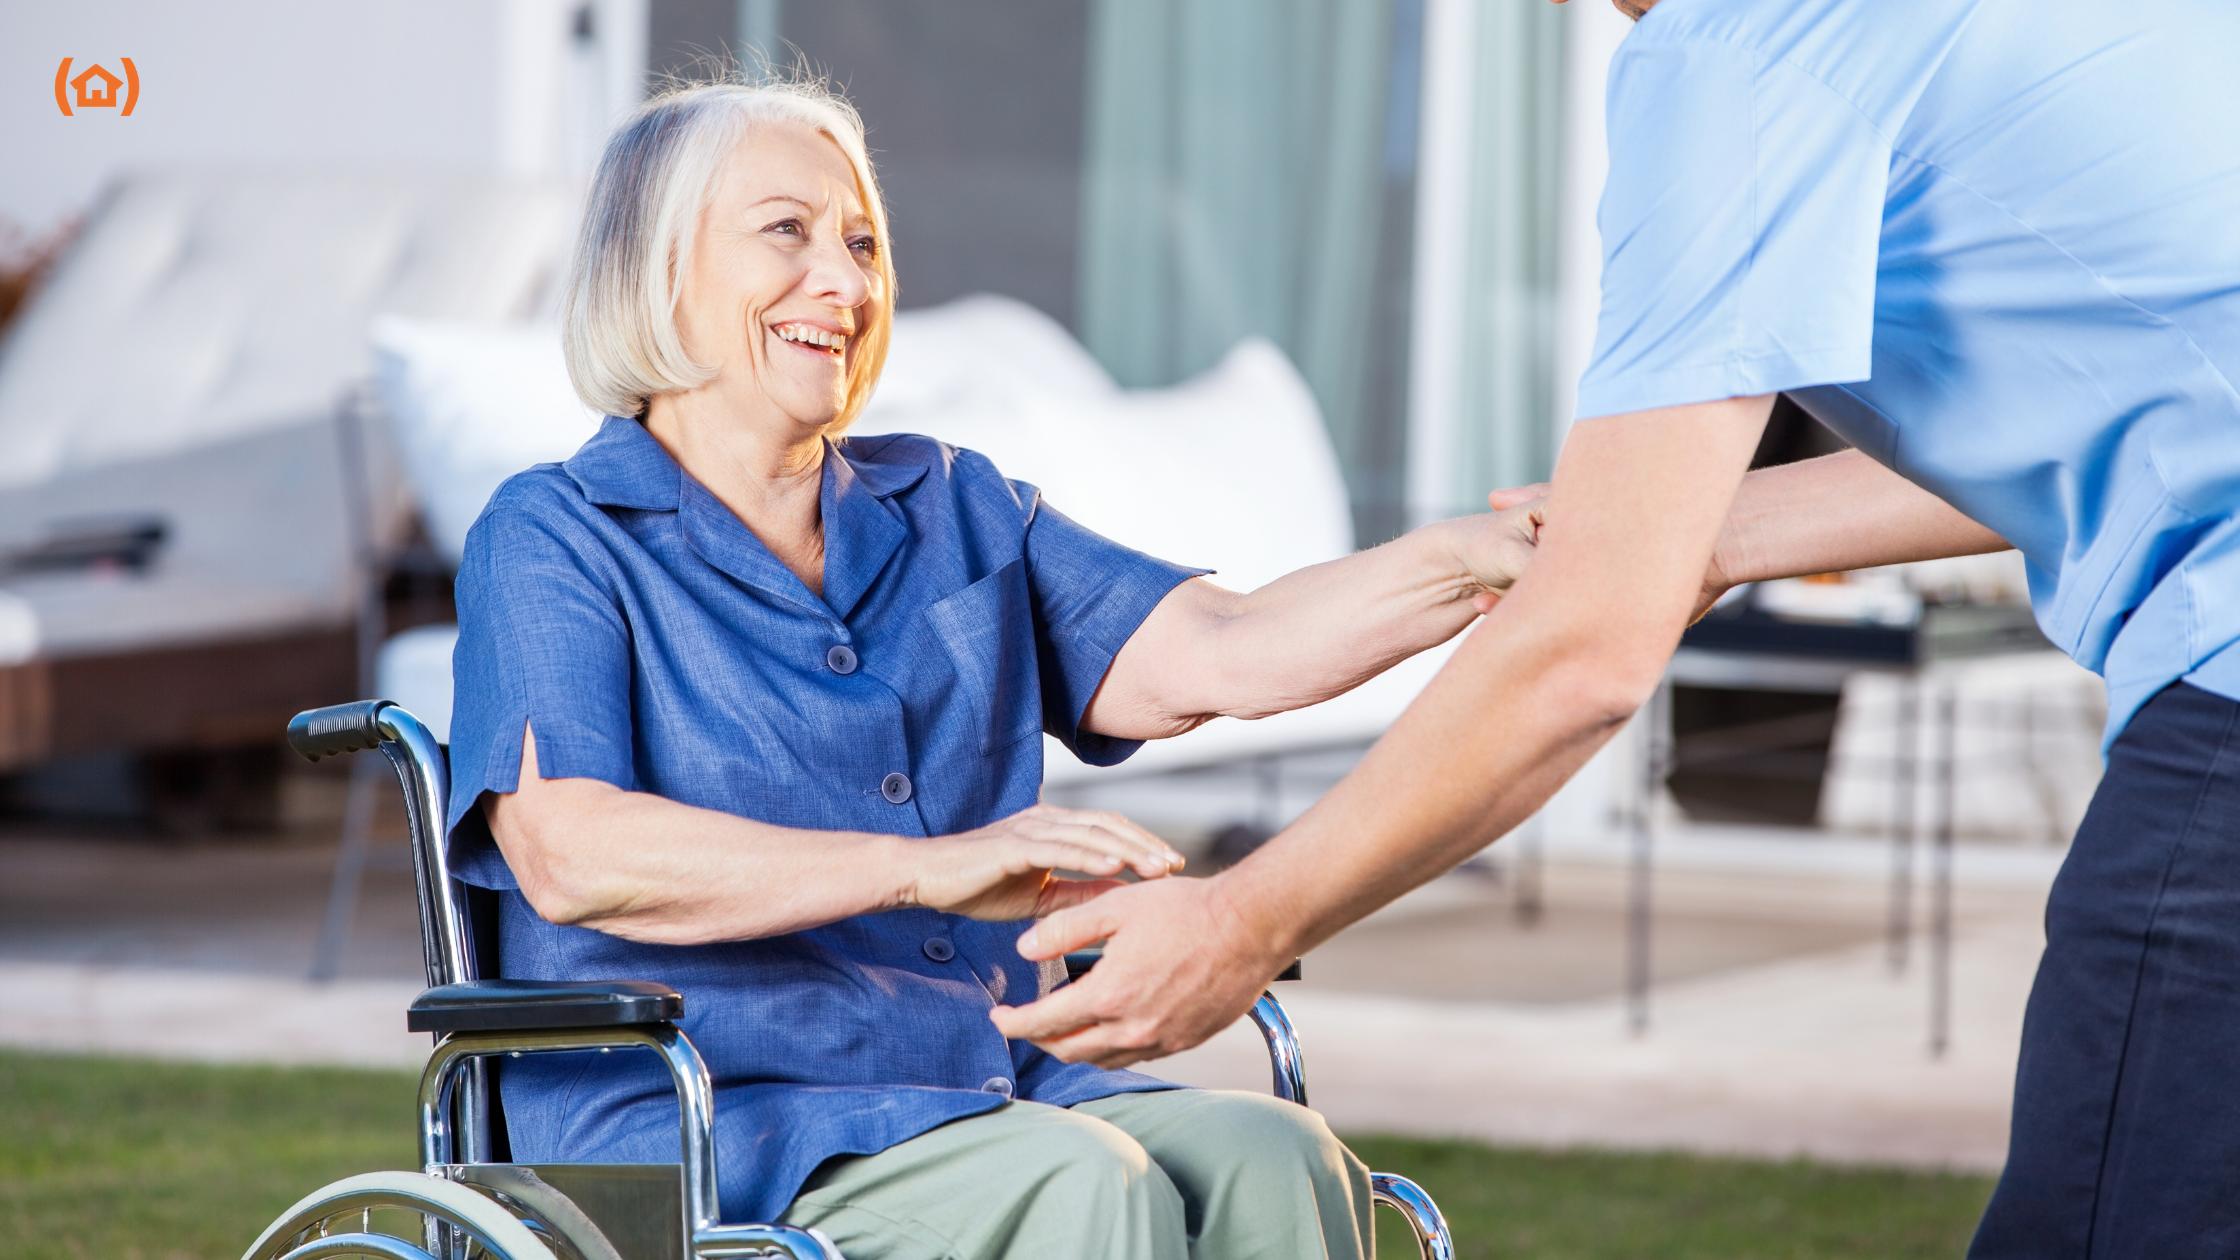 La incapacitación de personas mayores se aplica cuando no pueden realizar ciertas actividades de la vida diaria por motivos de salud física o psíquica. Descubre más aquí.